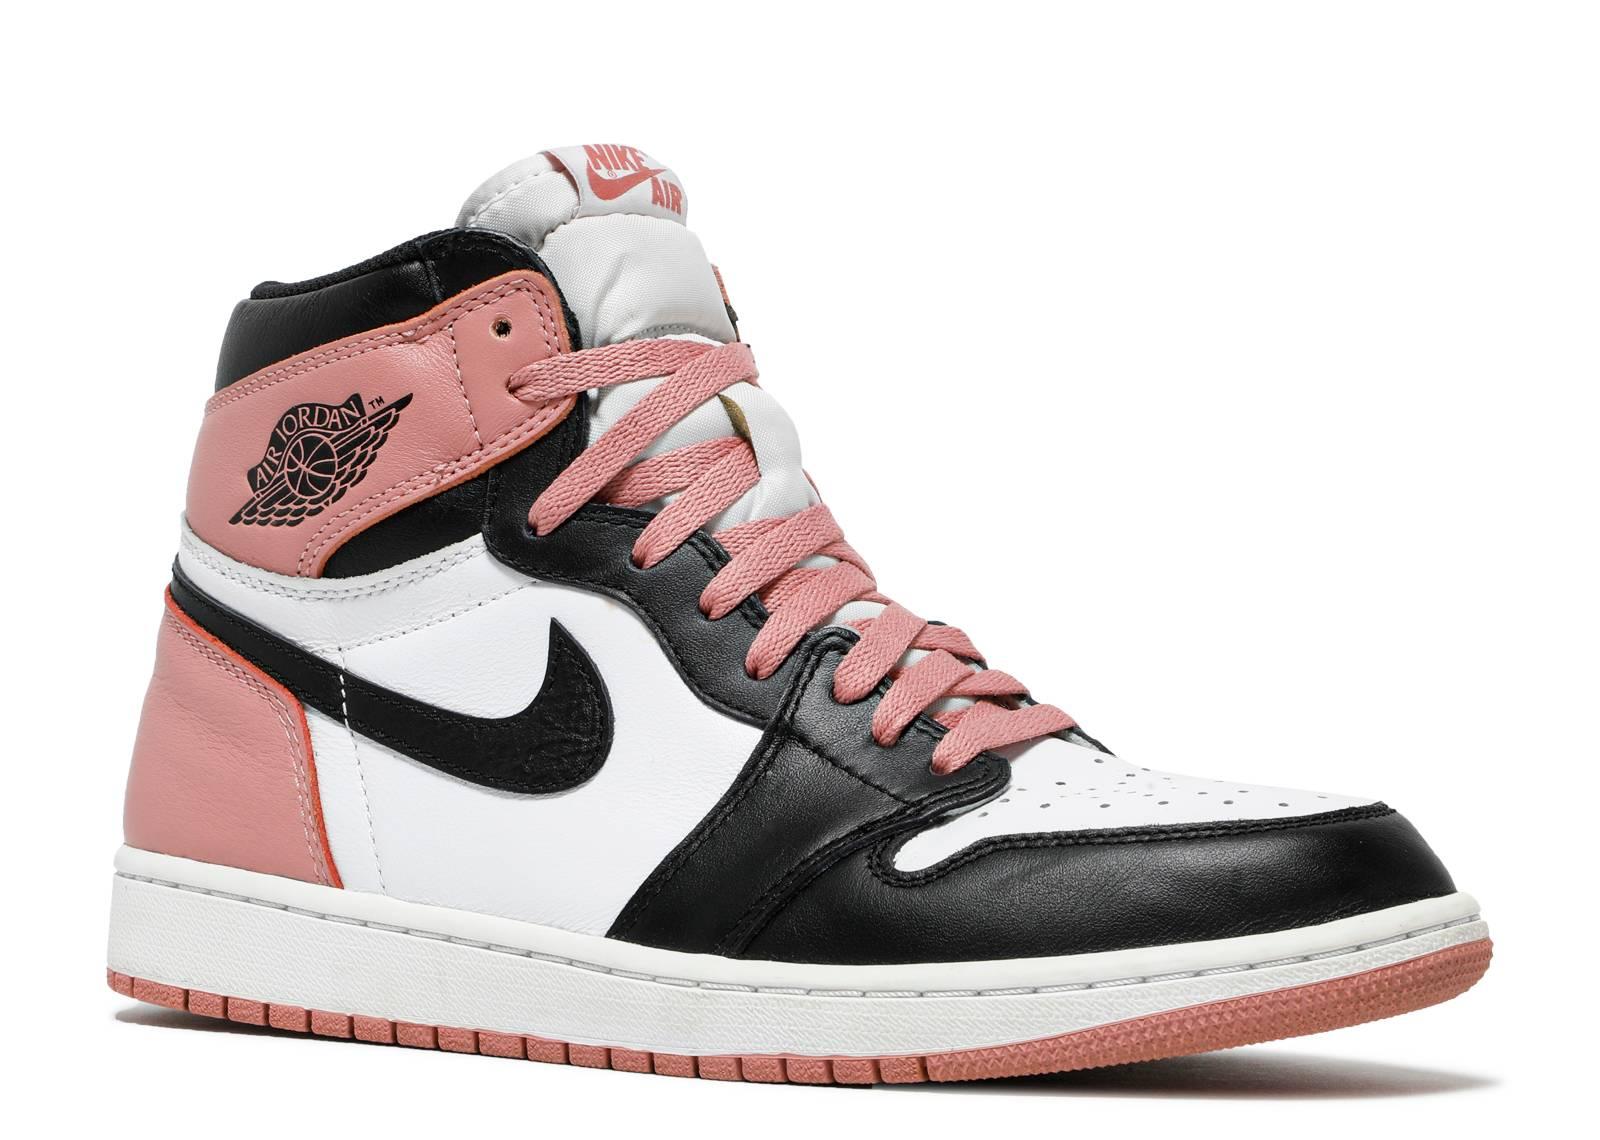 air jordan 1 retro high rosa